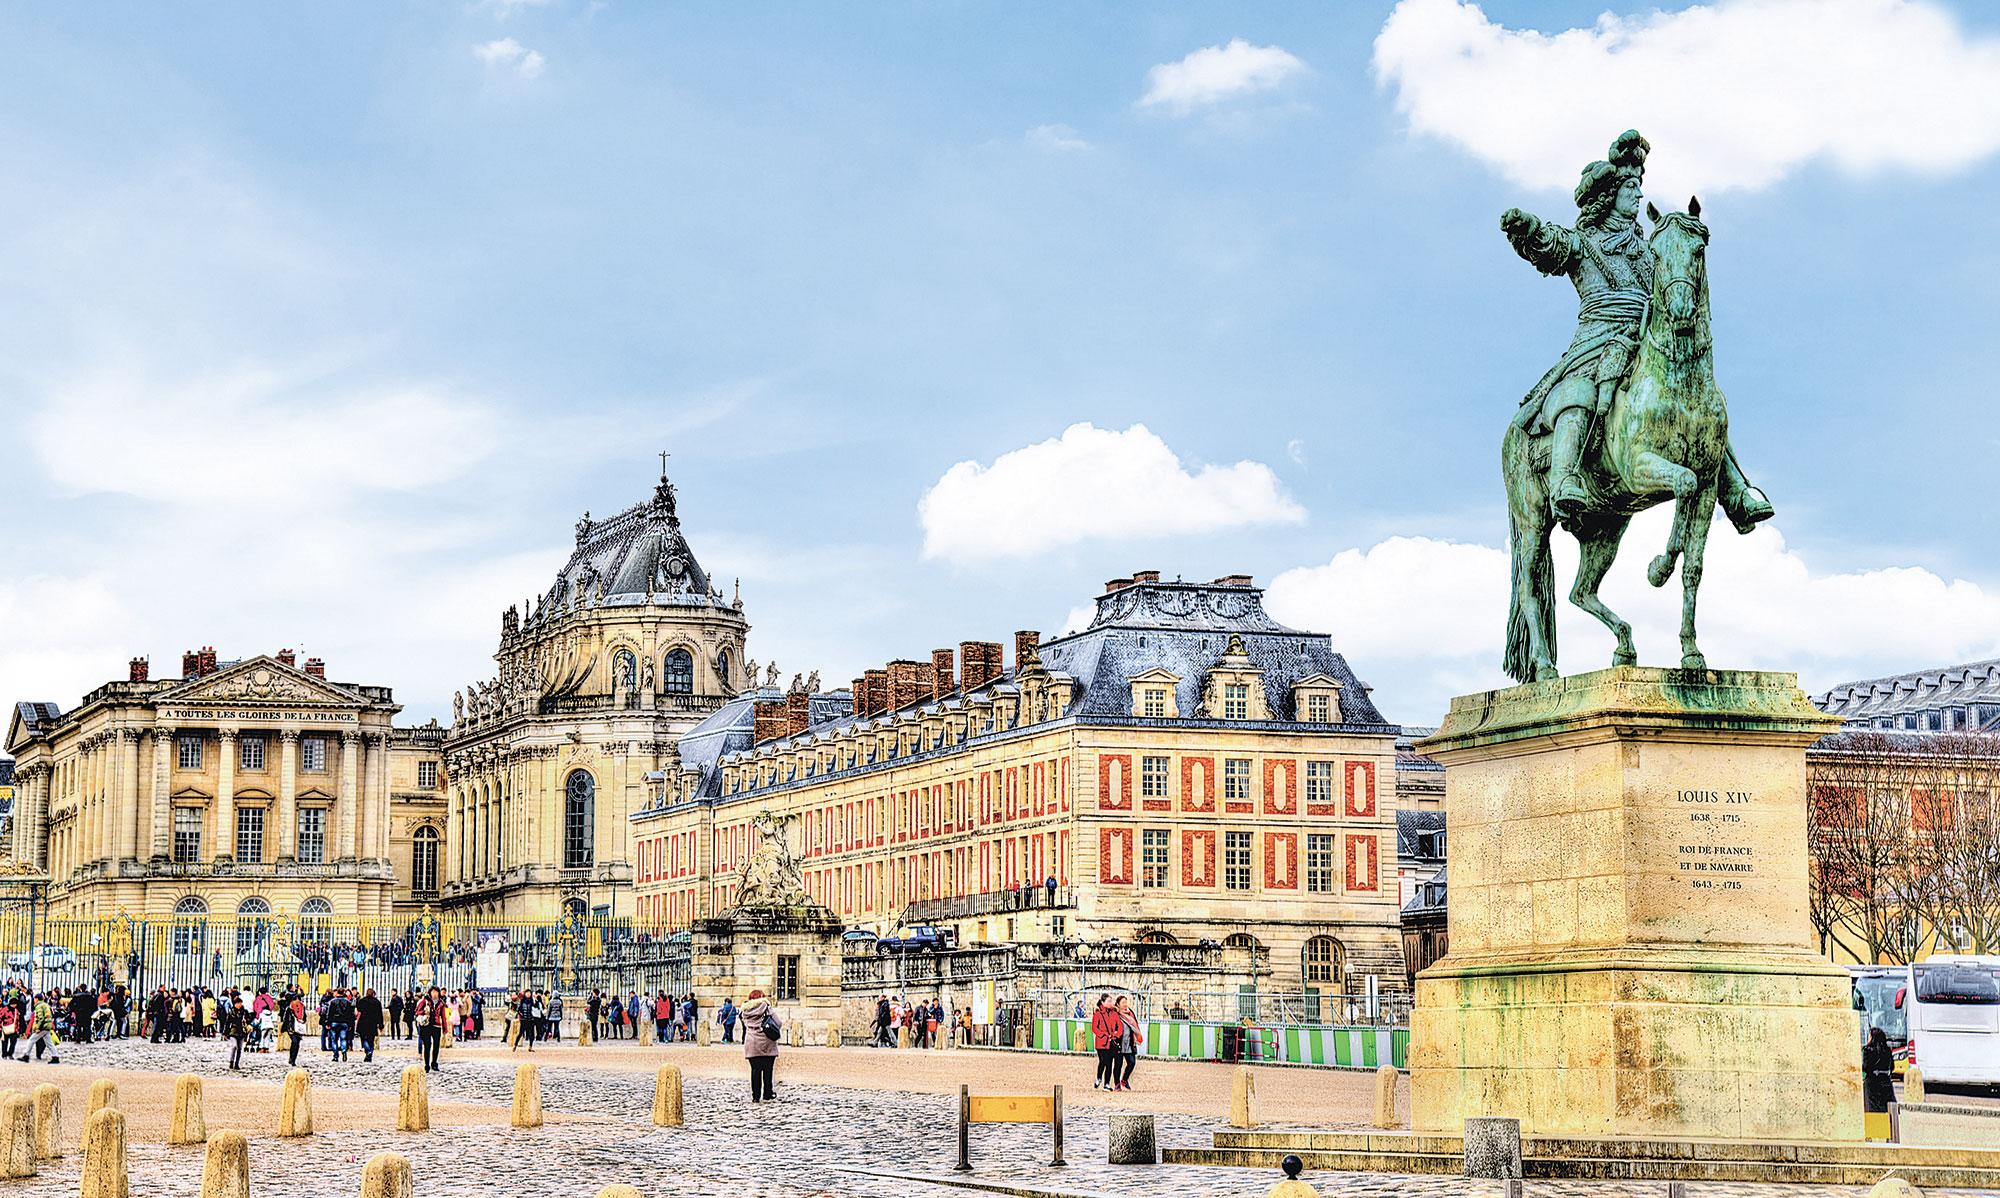 凡爾賽宮前路易十四雕像。(Fotolia)